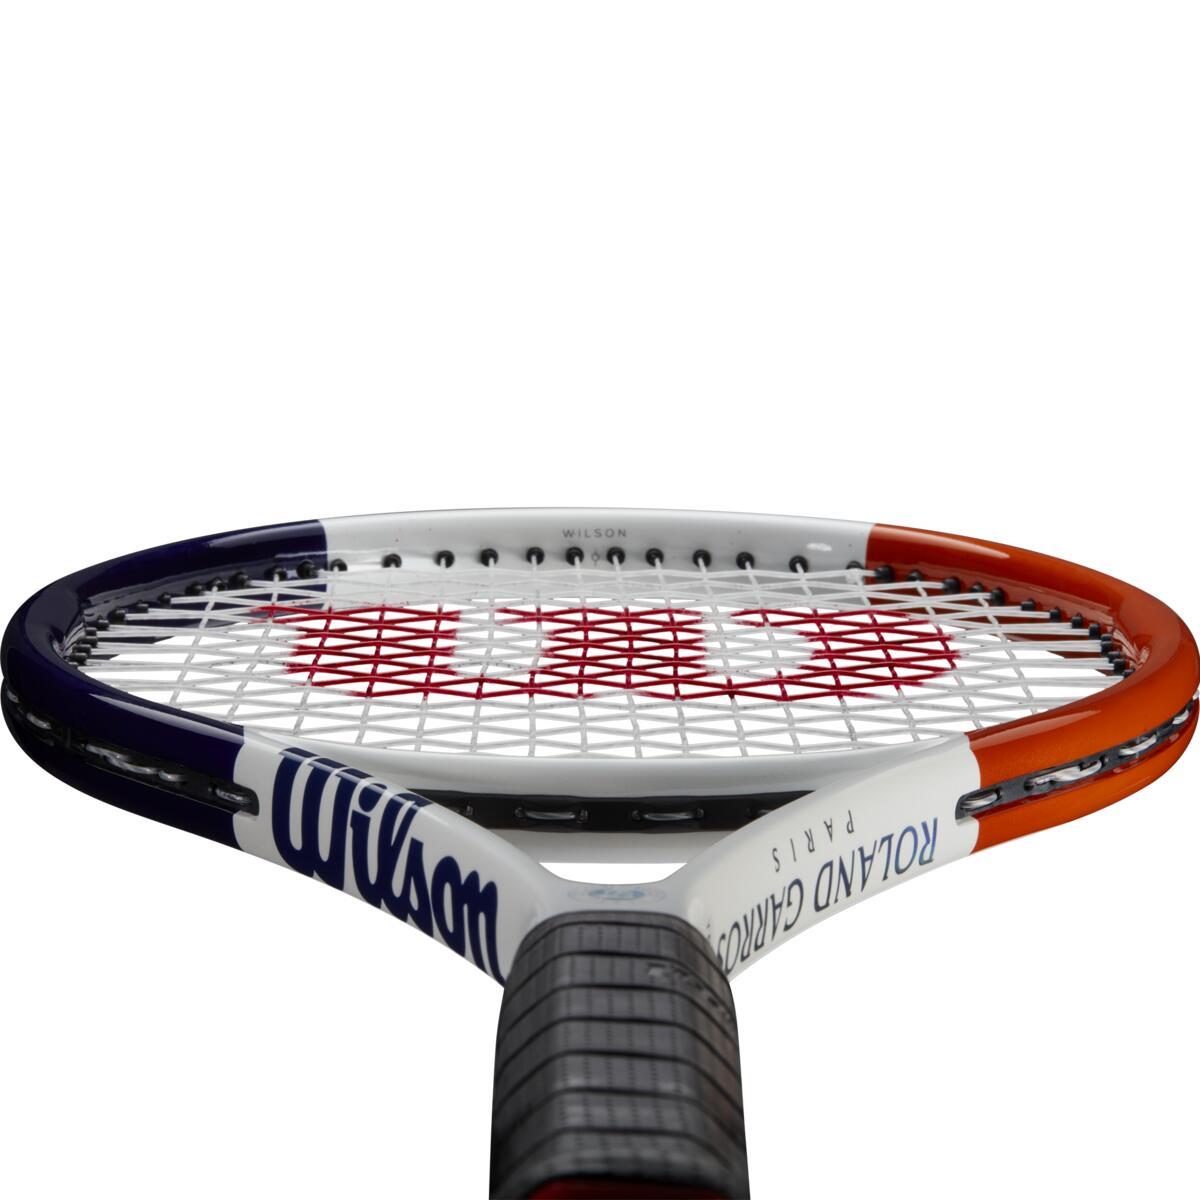 WR030310U_3_Roland_Garros_Team_102_WH_NV_OR.png.cq5dam.web.1200.1200